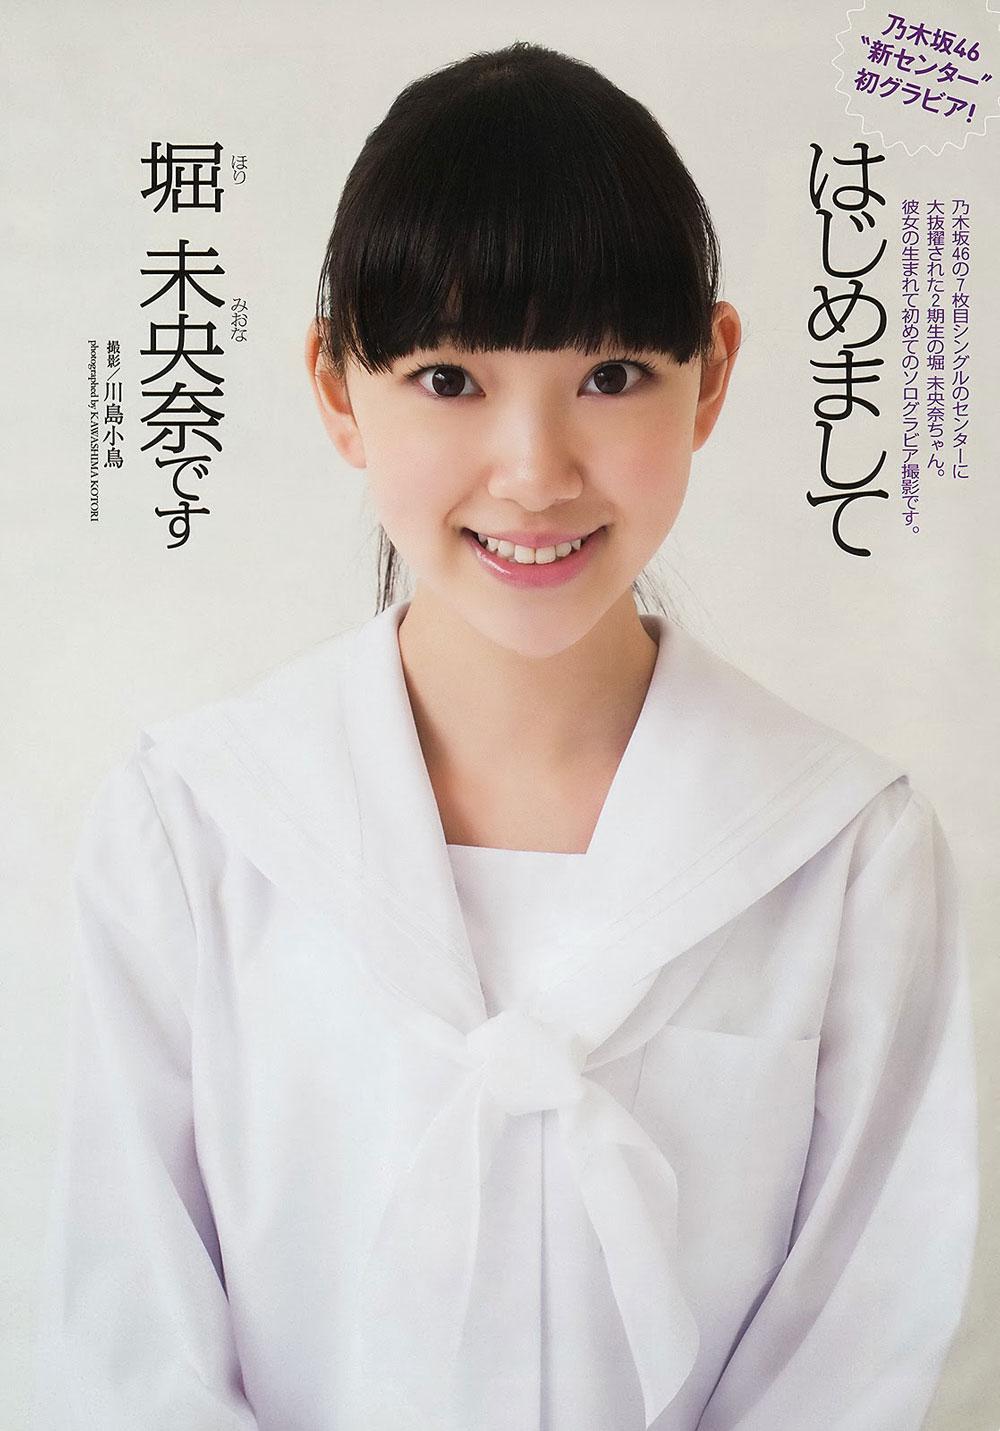 Nogizaka46 Miona Hori WPB Magazine